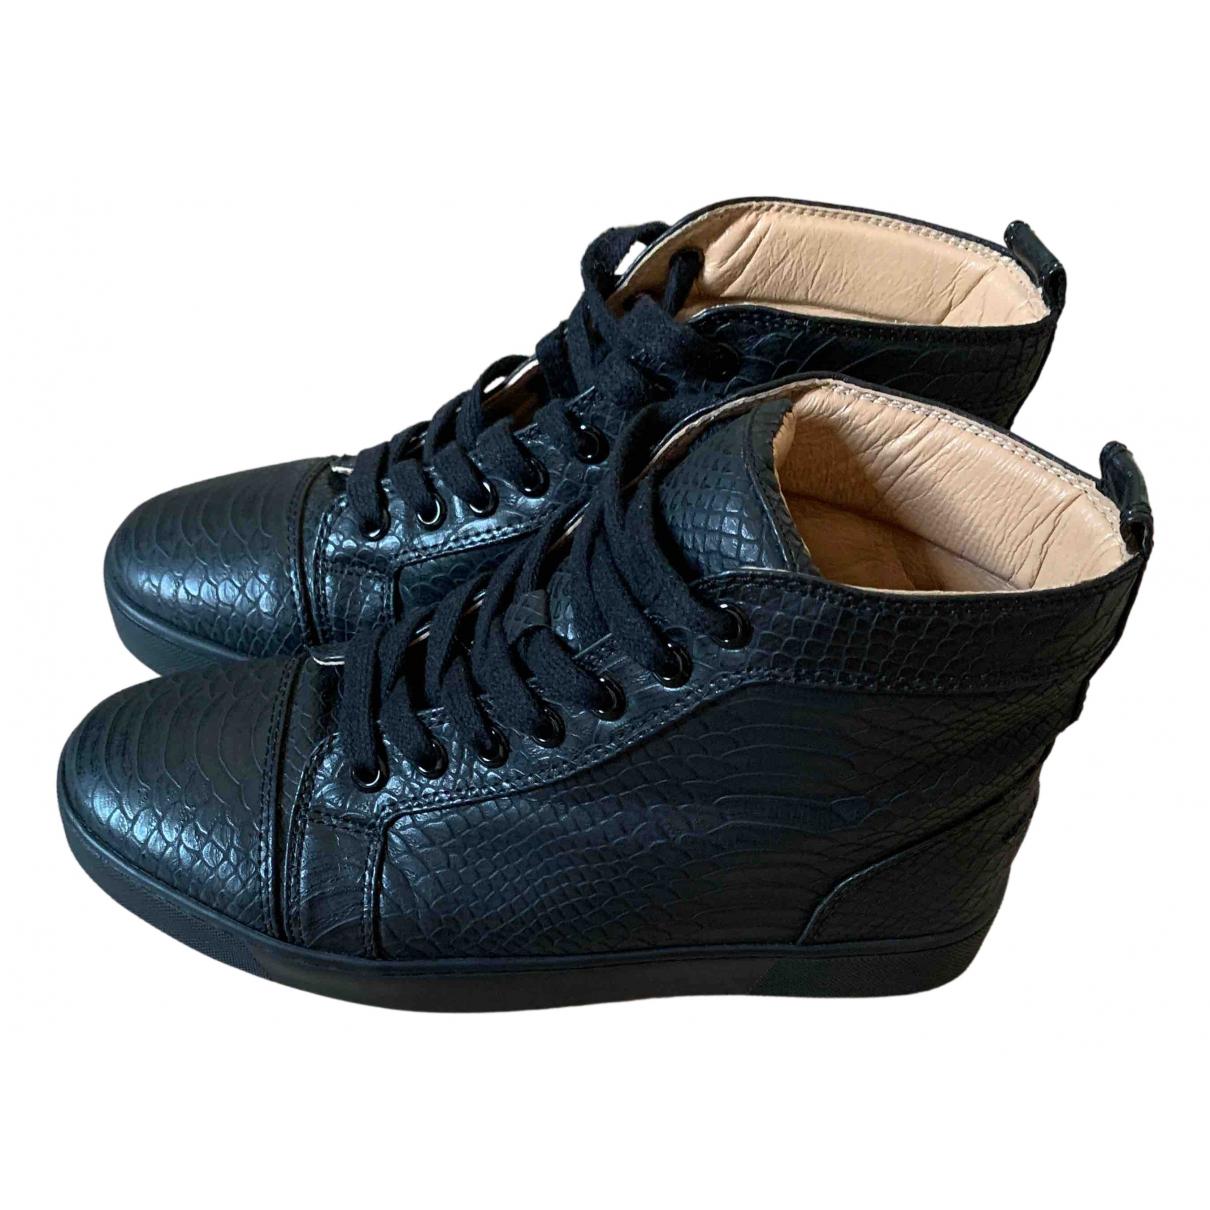 Christian Louboutin - Baskets   pour femme en cuir - noir